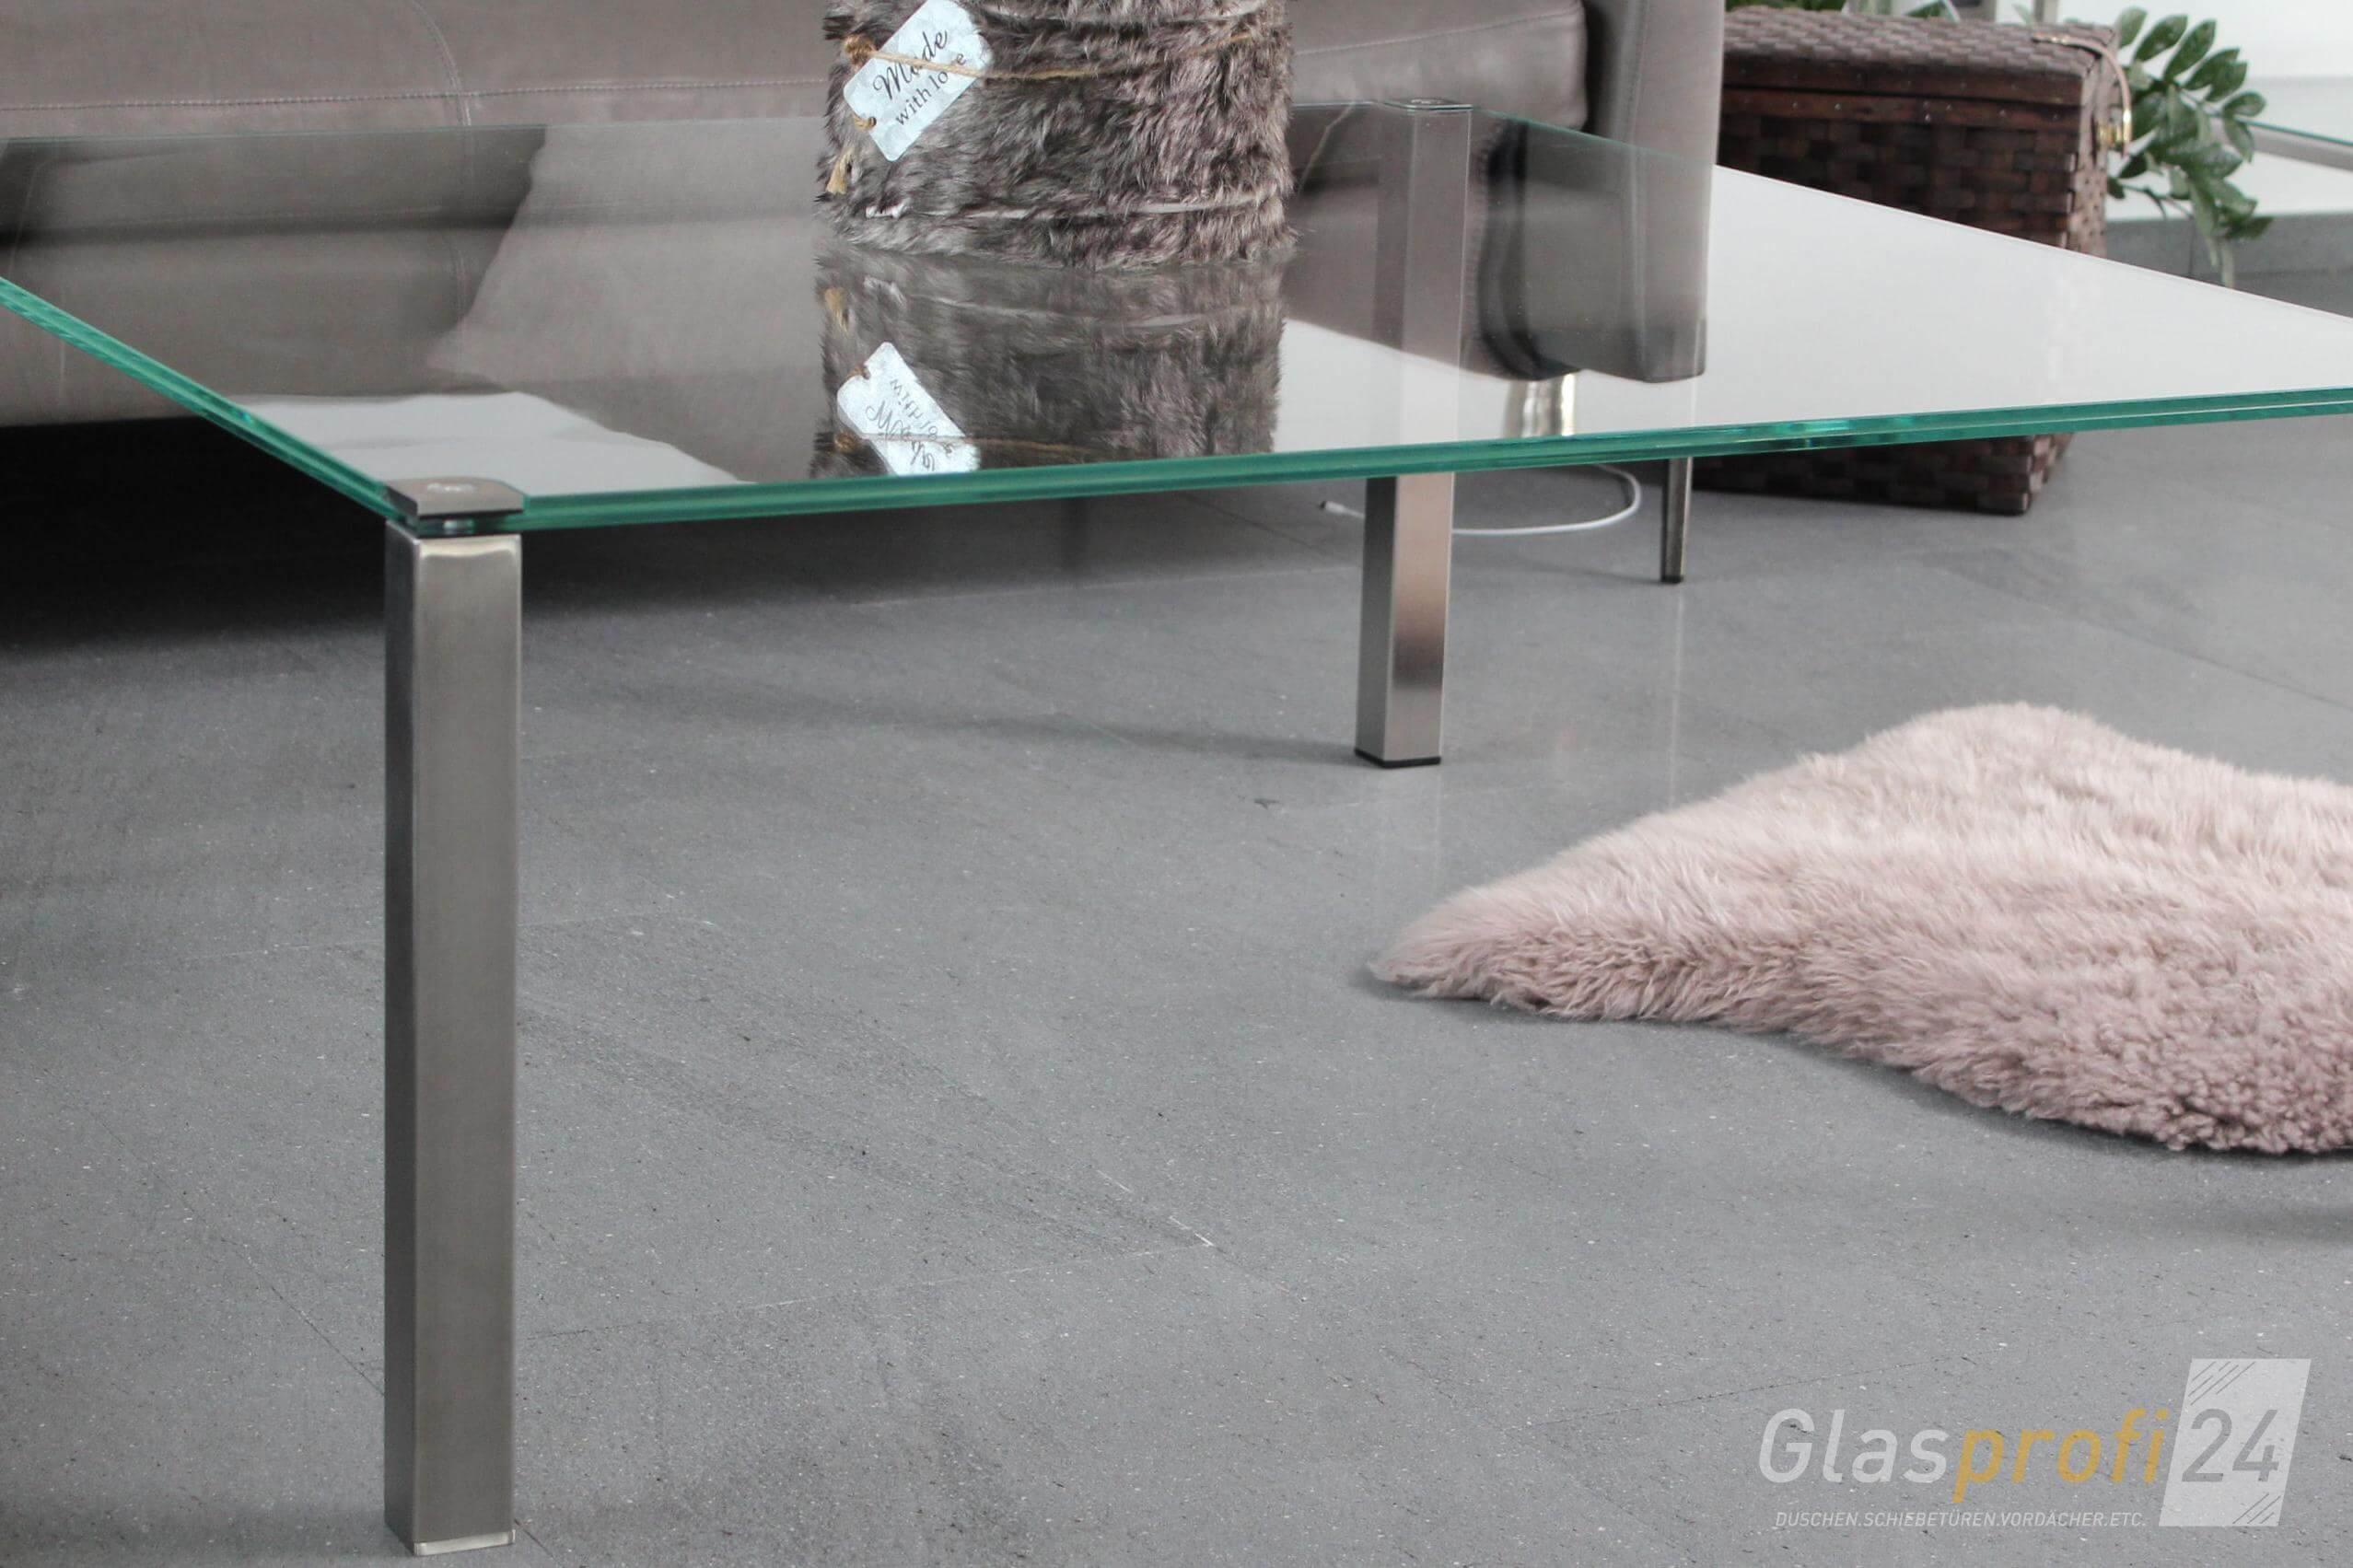 Glastisch Pierna Tischplatte